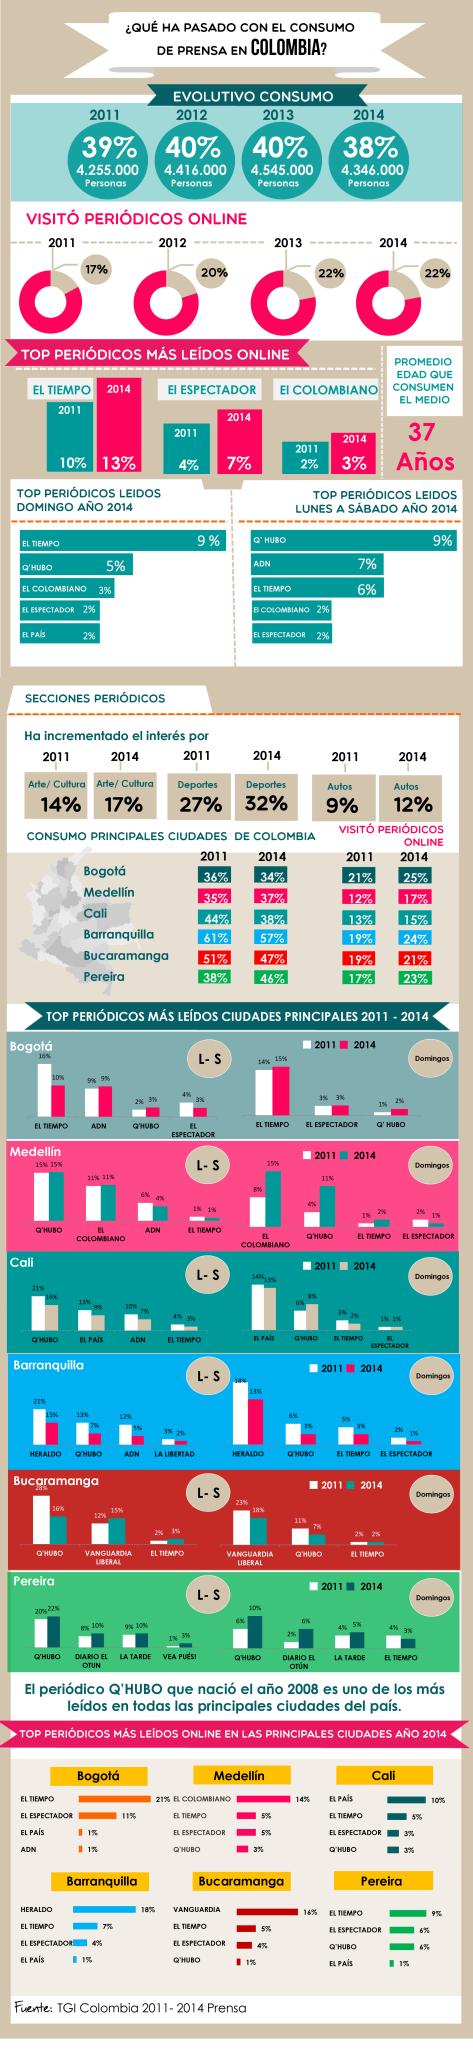 Infografíaprensa2014